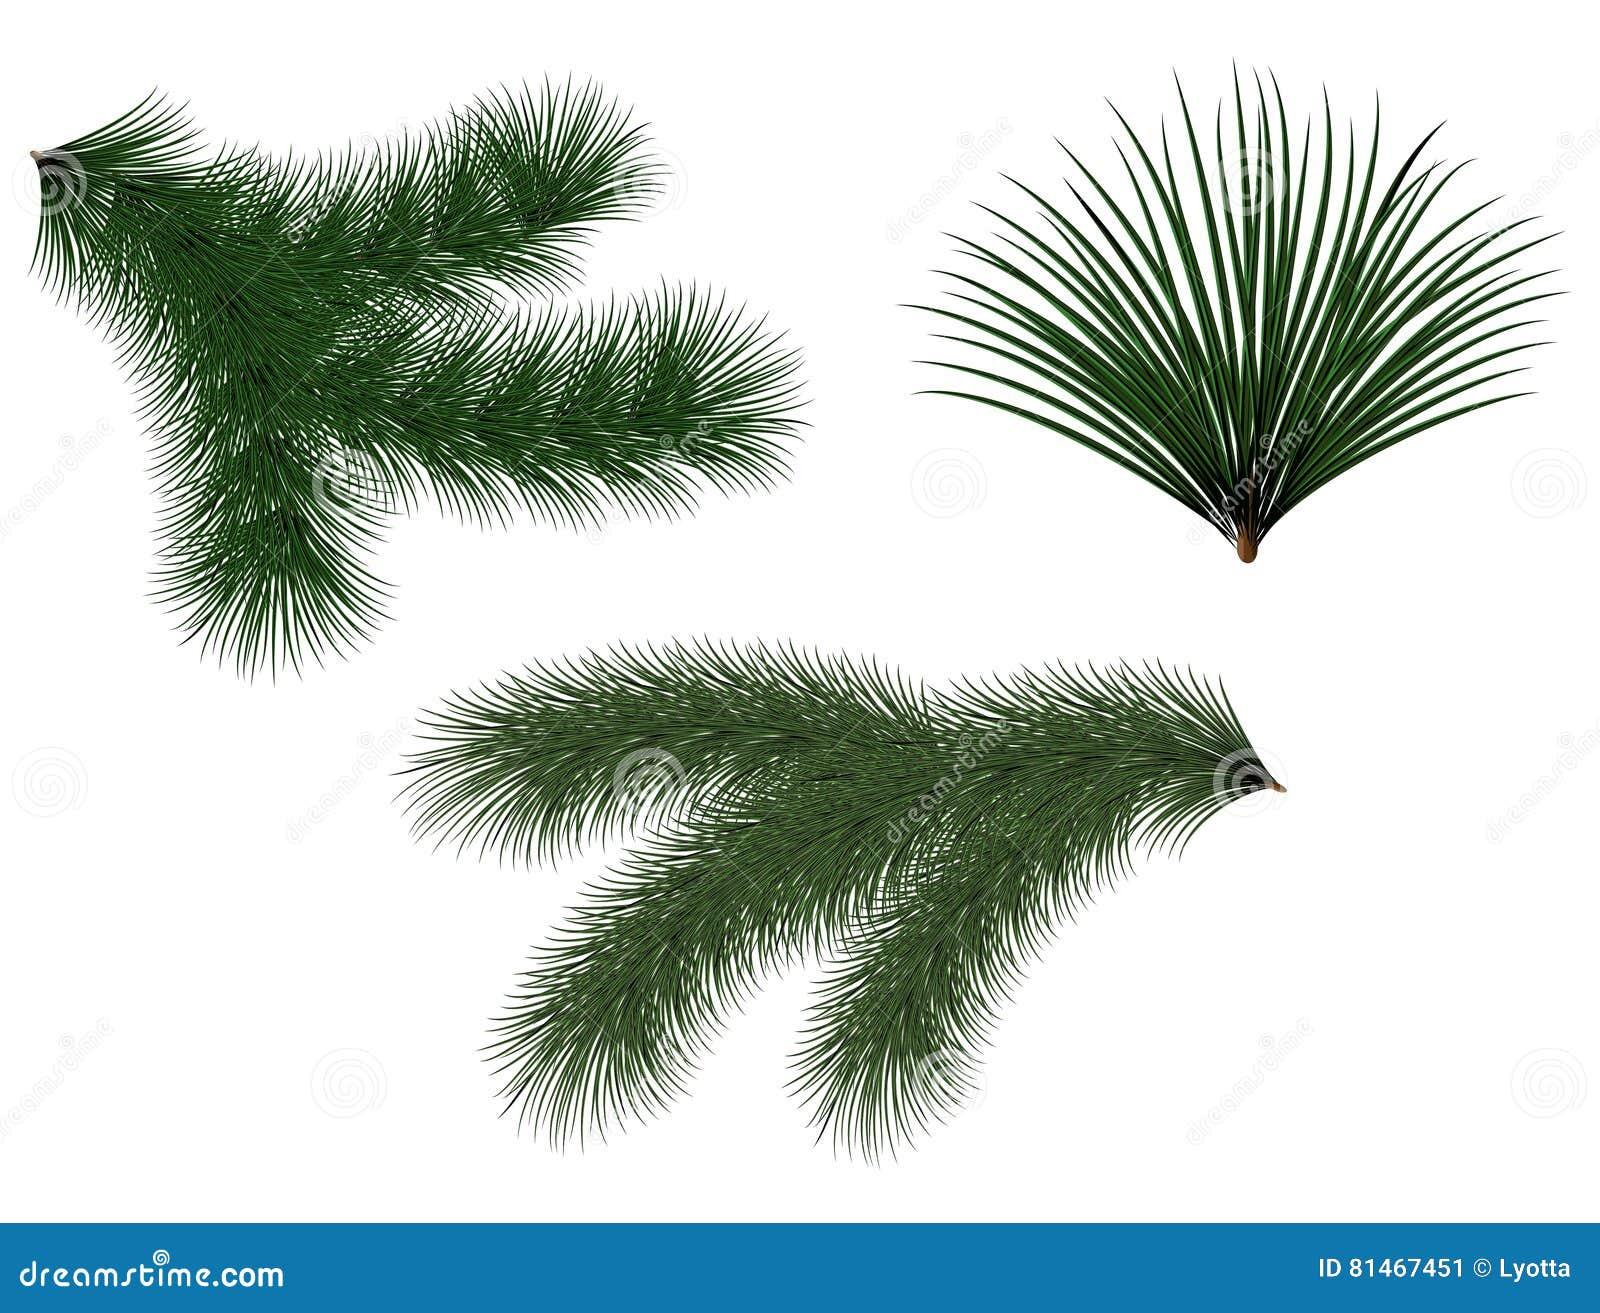 Nowy rok wianków i choinek zielona jodła rozgałęzia się z długimi igłami